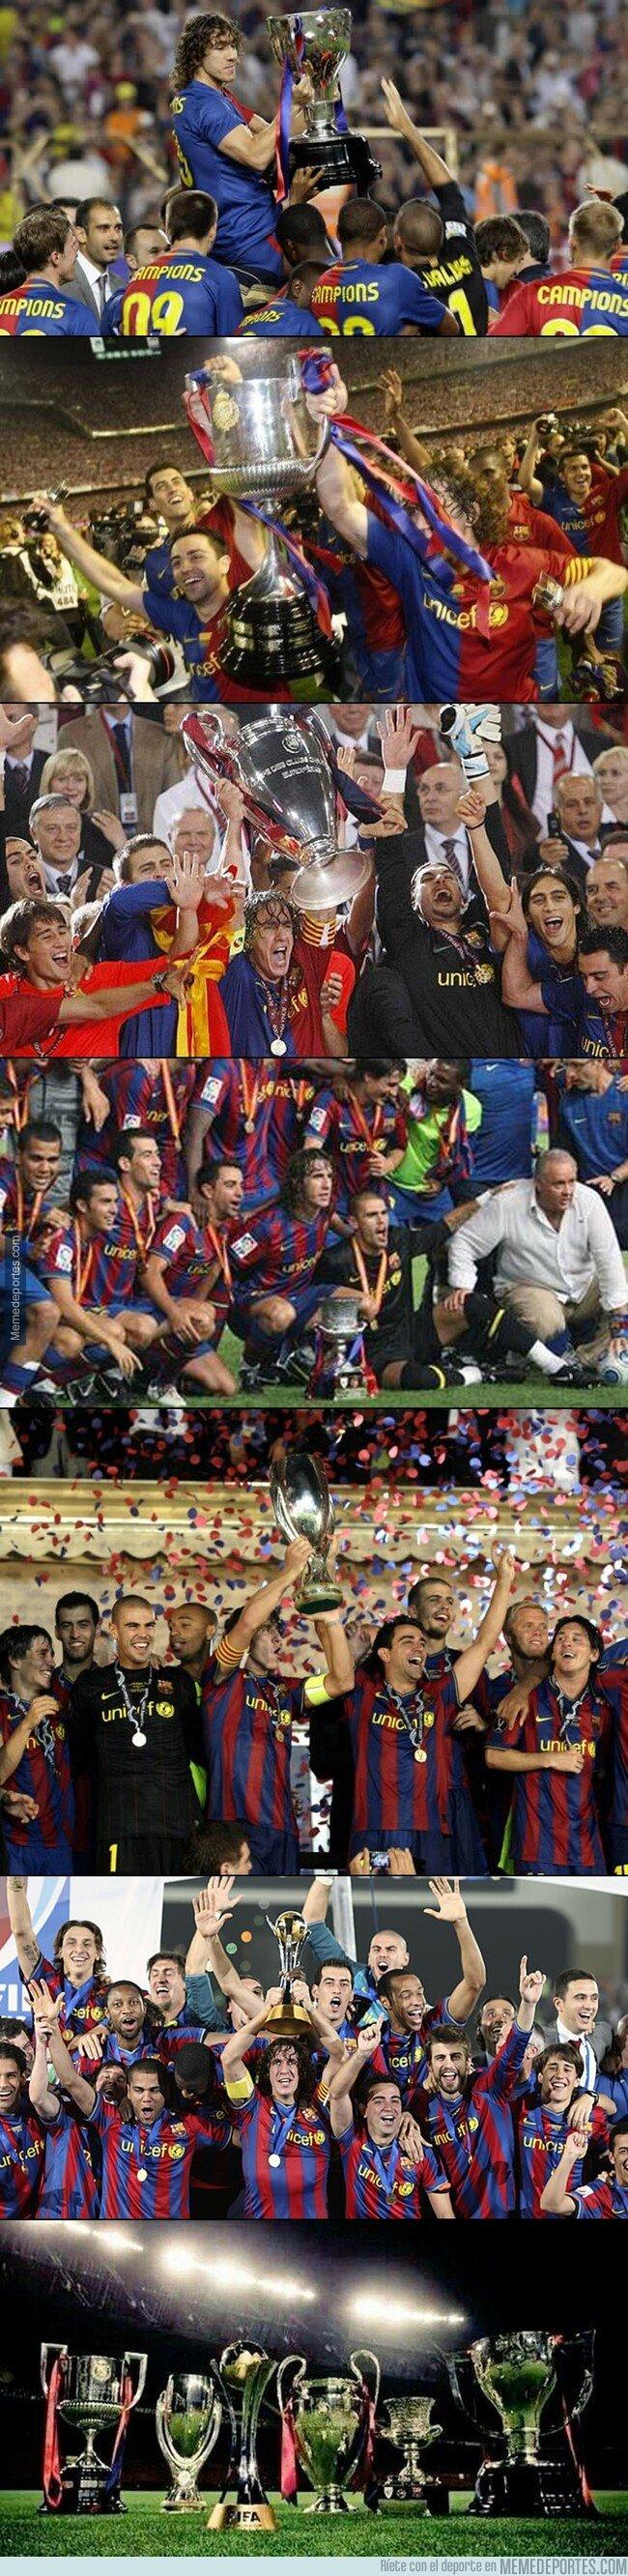 1093982 - Hoy cumple 10 años el equipo que no podía dejar de ganar